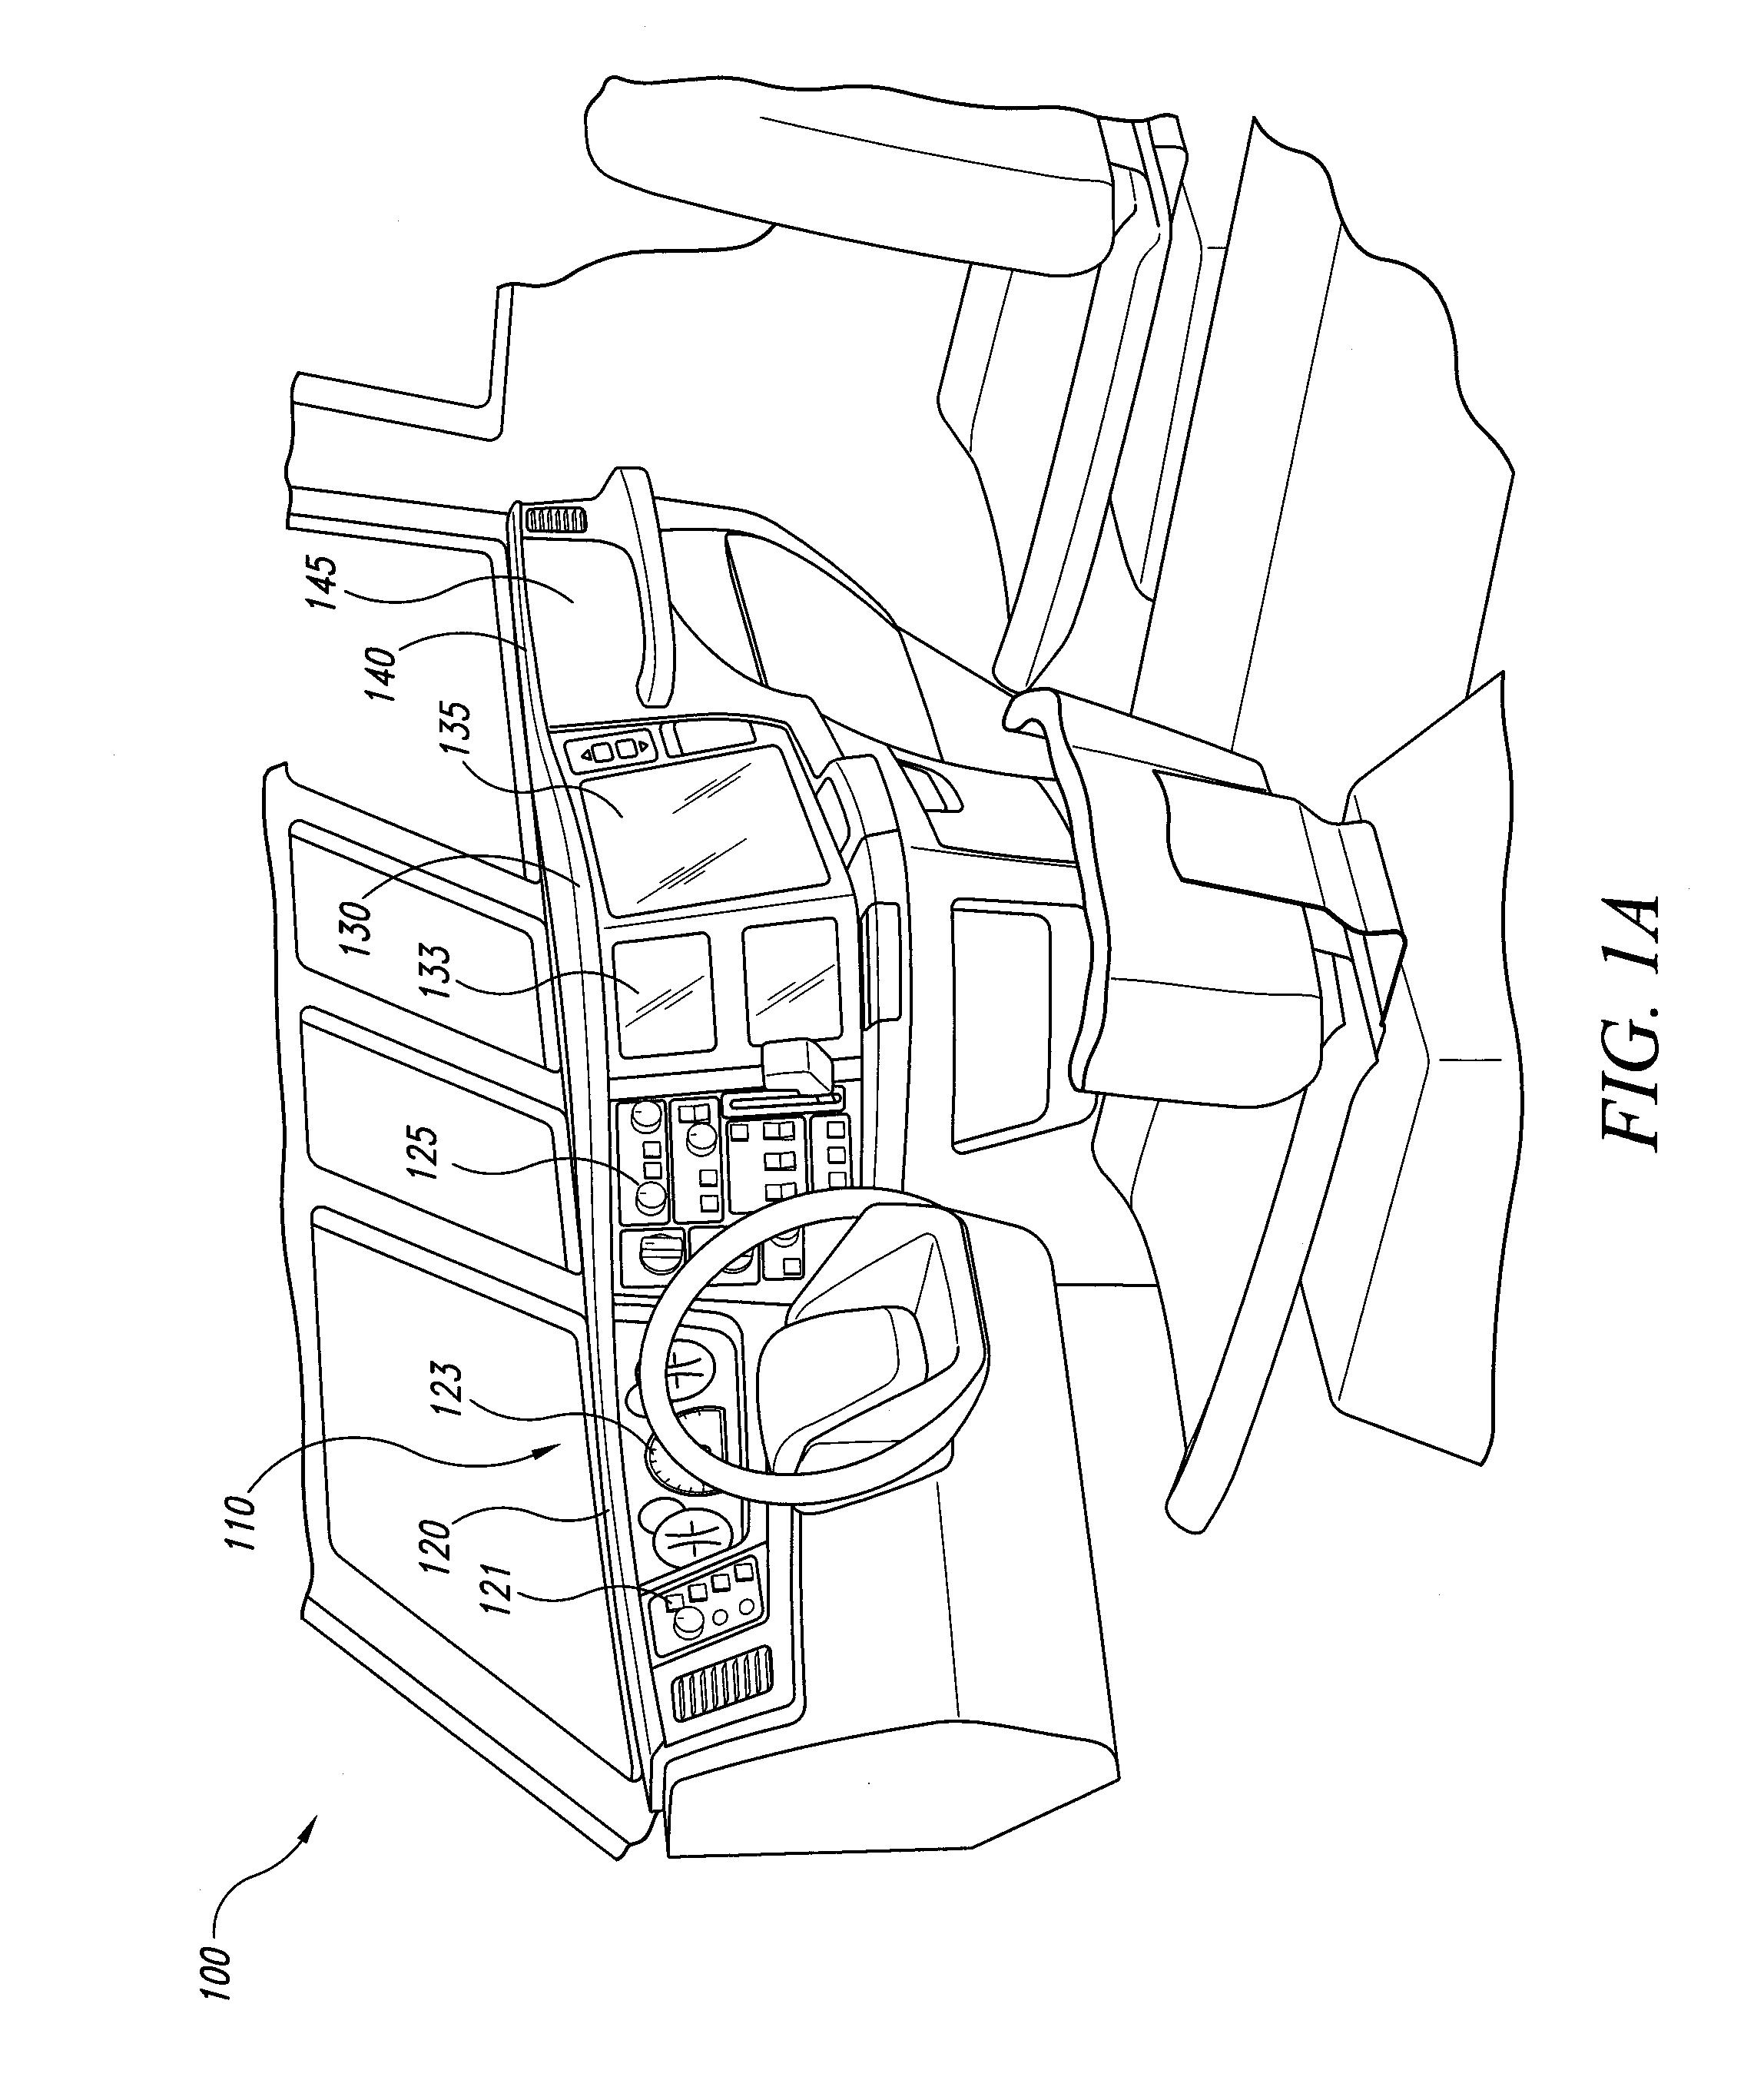 brevet us7823952